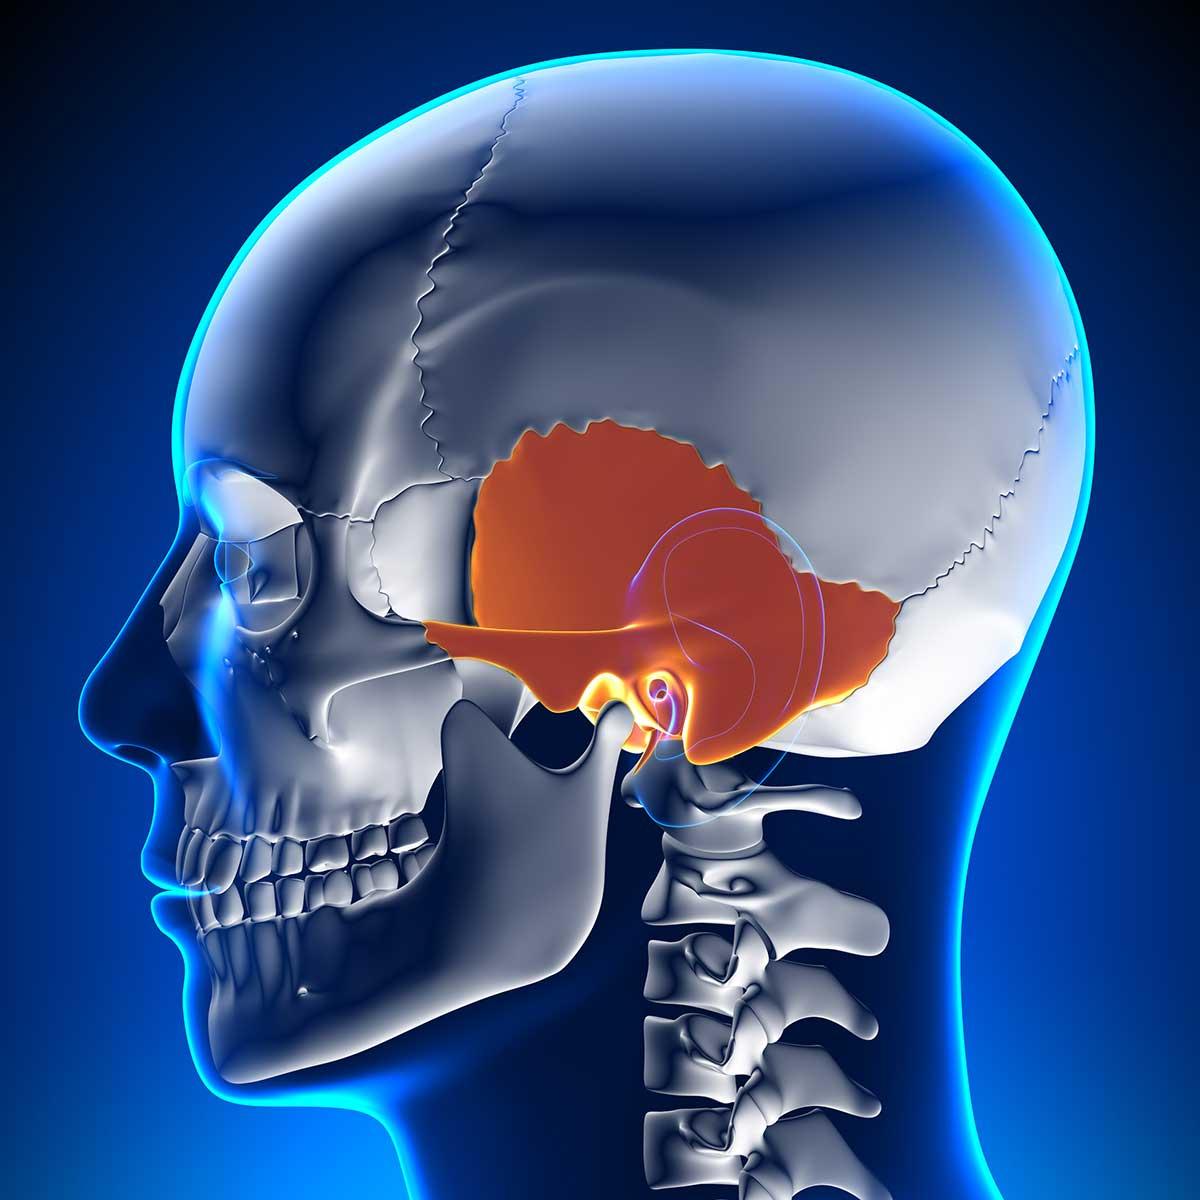 cranial techniques